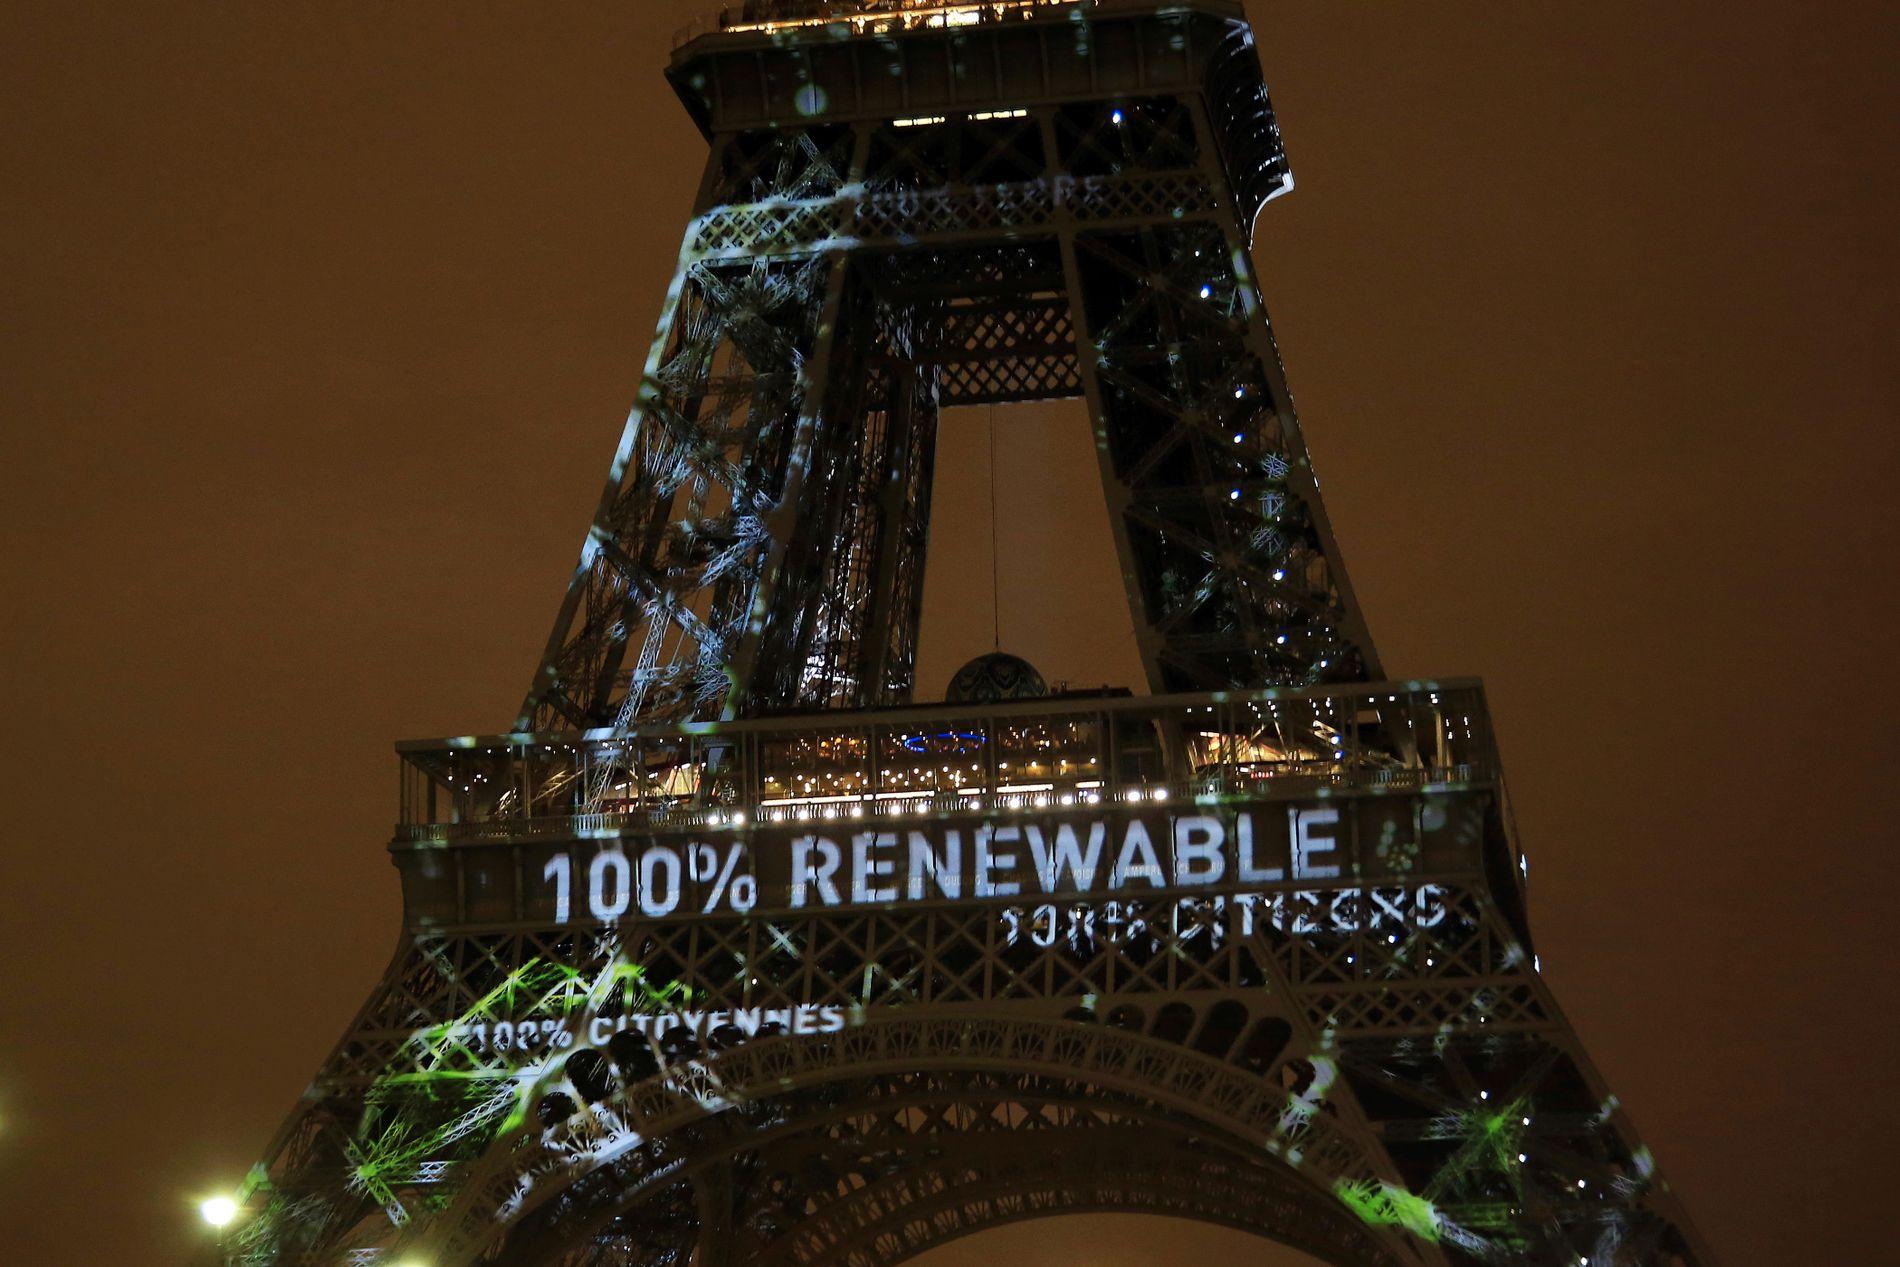 PARIS IKKE NOK: Eiffeltårnet med budskap om 100 prosent fornybar under klimatoppmøtet i 2015. Tiltakene som ble lovet er ikke nok til å begrense temperaturstigningen.